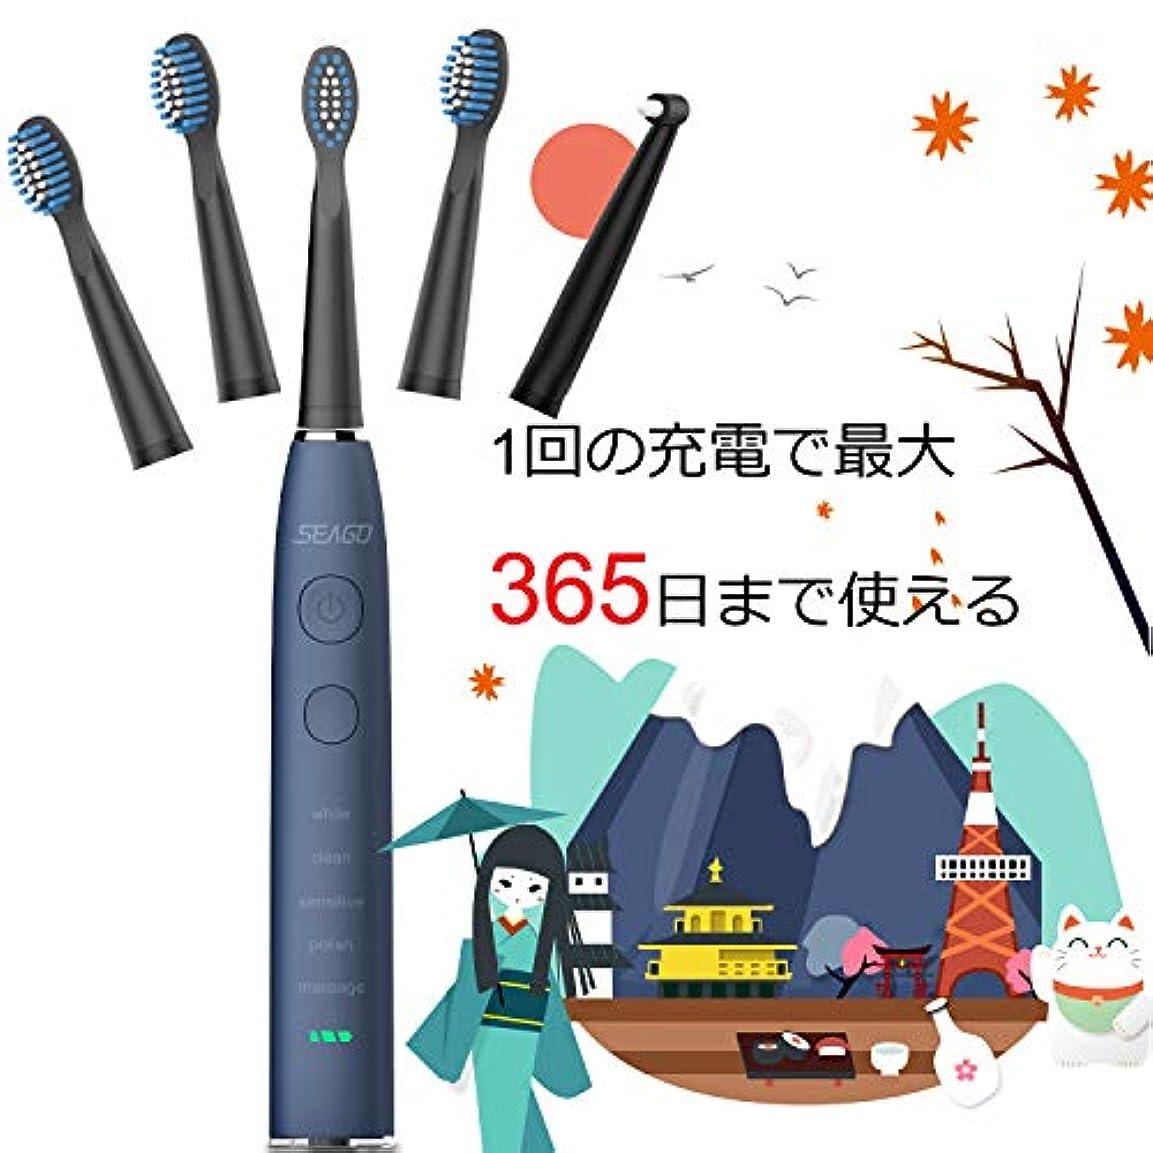 たぶん上がるインク電動歯ブラシ 歯ブラシ seago 音波歯ブラシ USB充電式8時間 365日に使用 IPX7防水 五つモードと2分オートタイマー機能搭載 替えブラシ5本 12ヶ月メーカー保証 SG-575(ブルー)